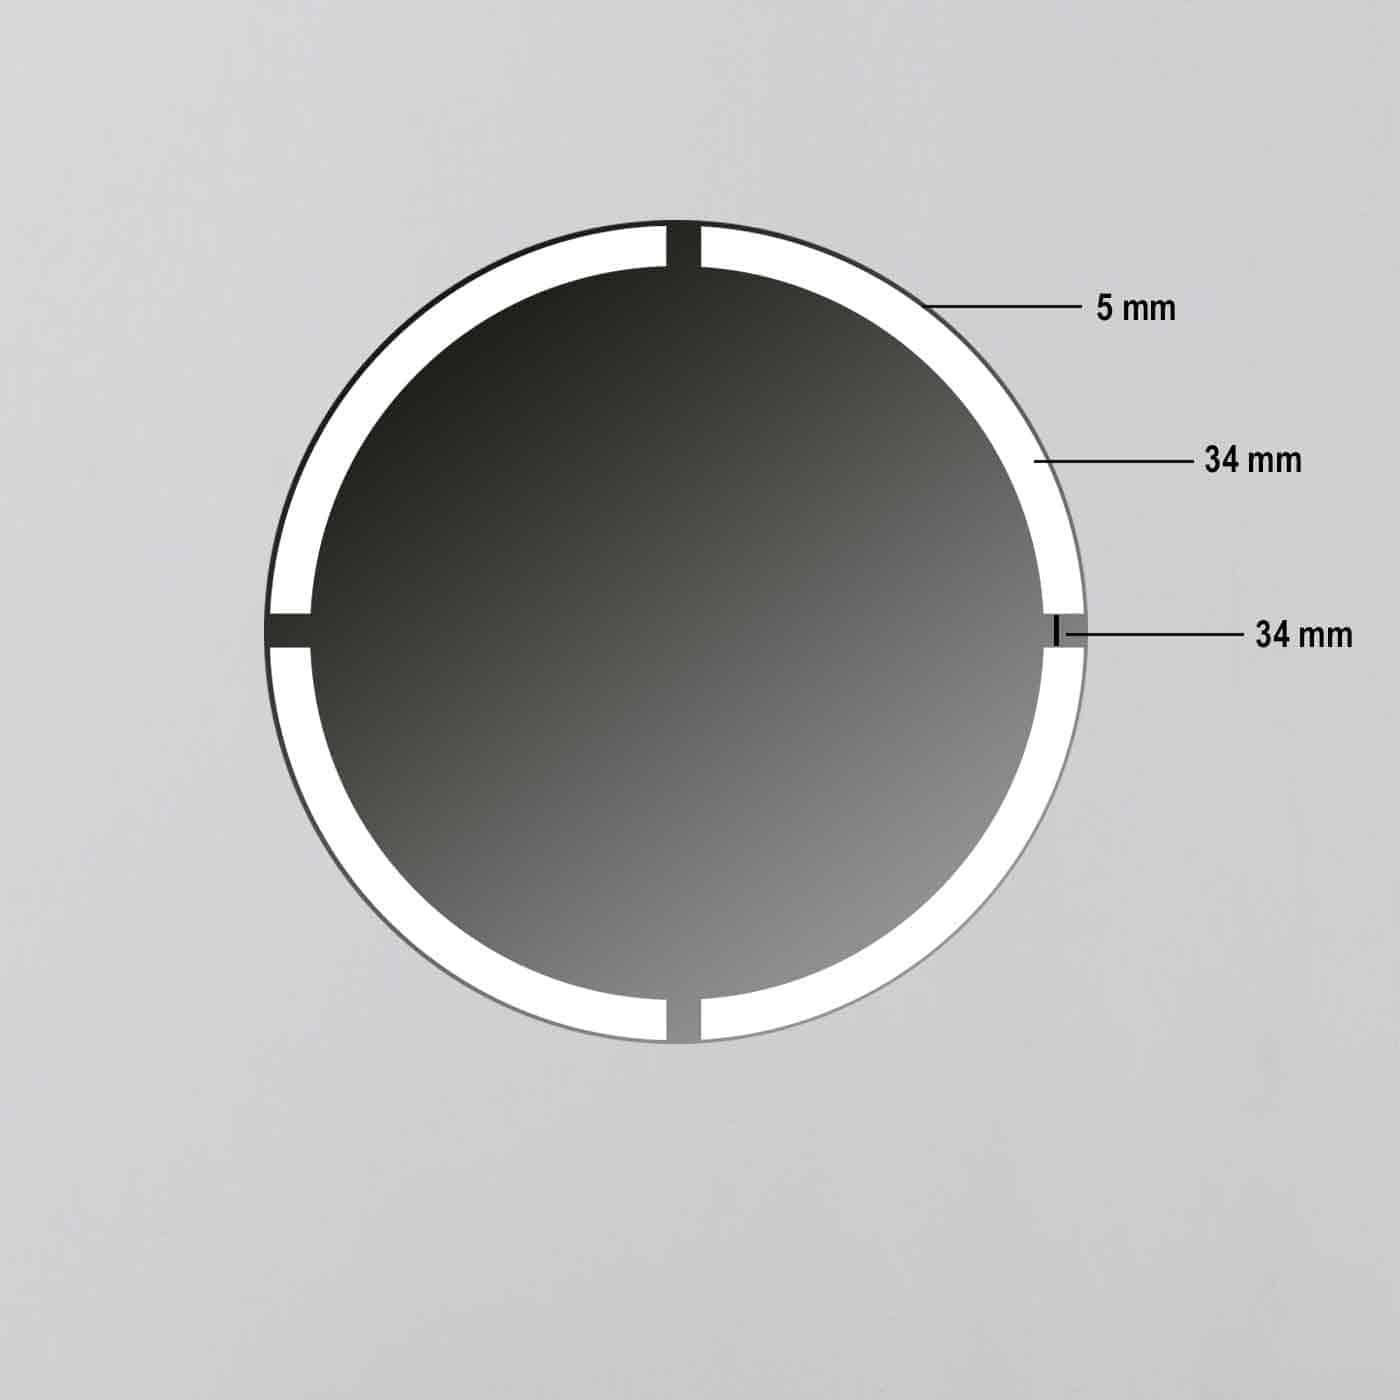 rund wandspiegel led beleuchtung r403 technischedaten badspiegel online badspiegel. Black Bedroom Furniture Sets. Home Design Ideas